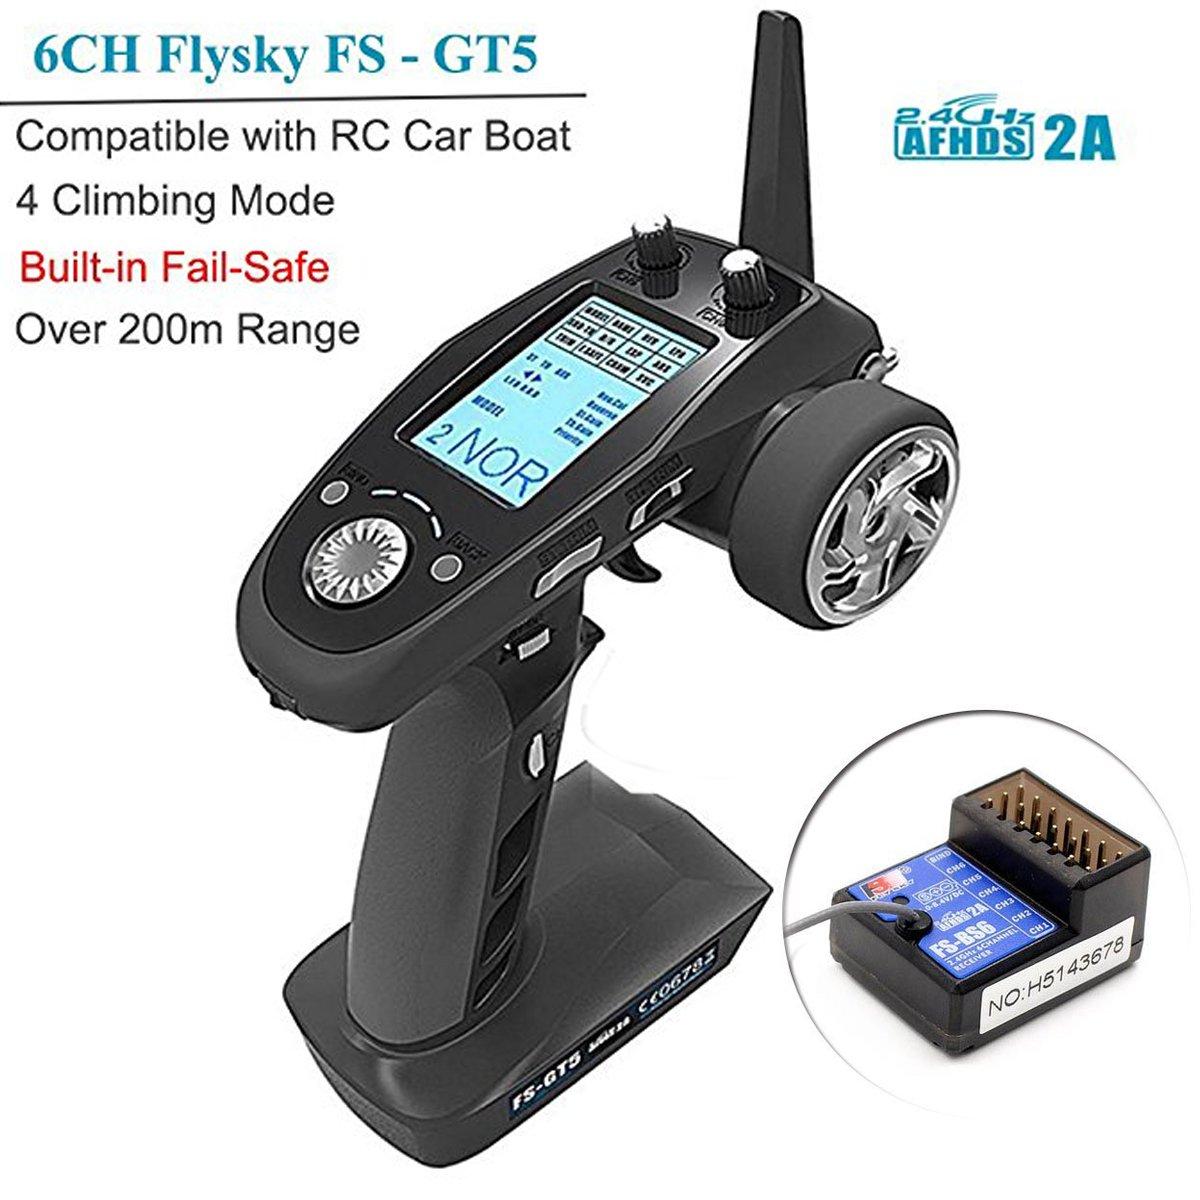 Transmisor Flysky 6CH AFHDS RC